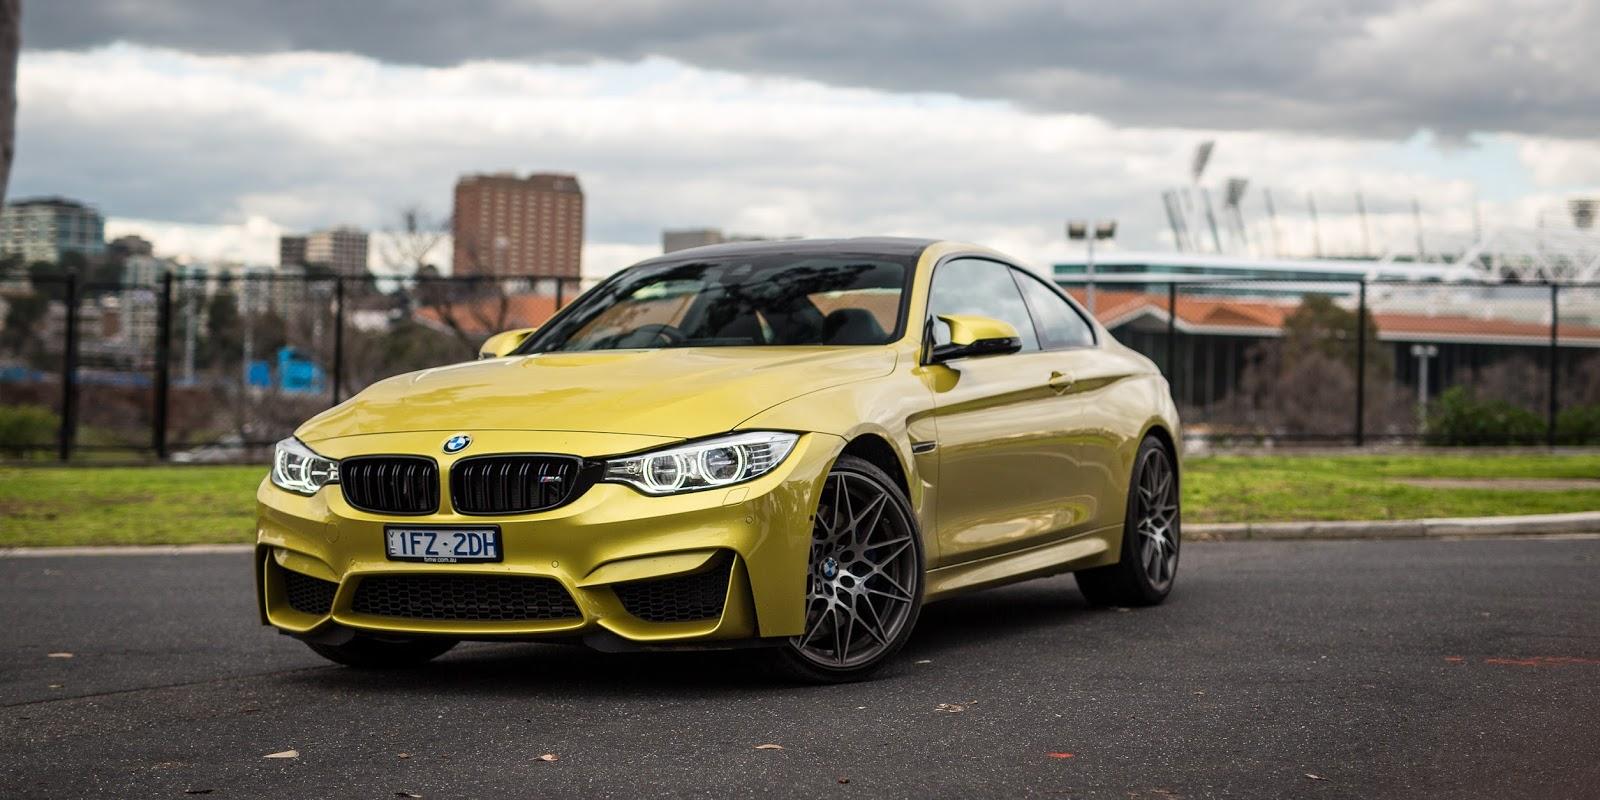 BMW M4 Competition 2016 thực sự là một chiếc xe thể thao tuyệt đẹp